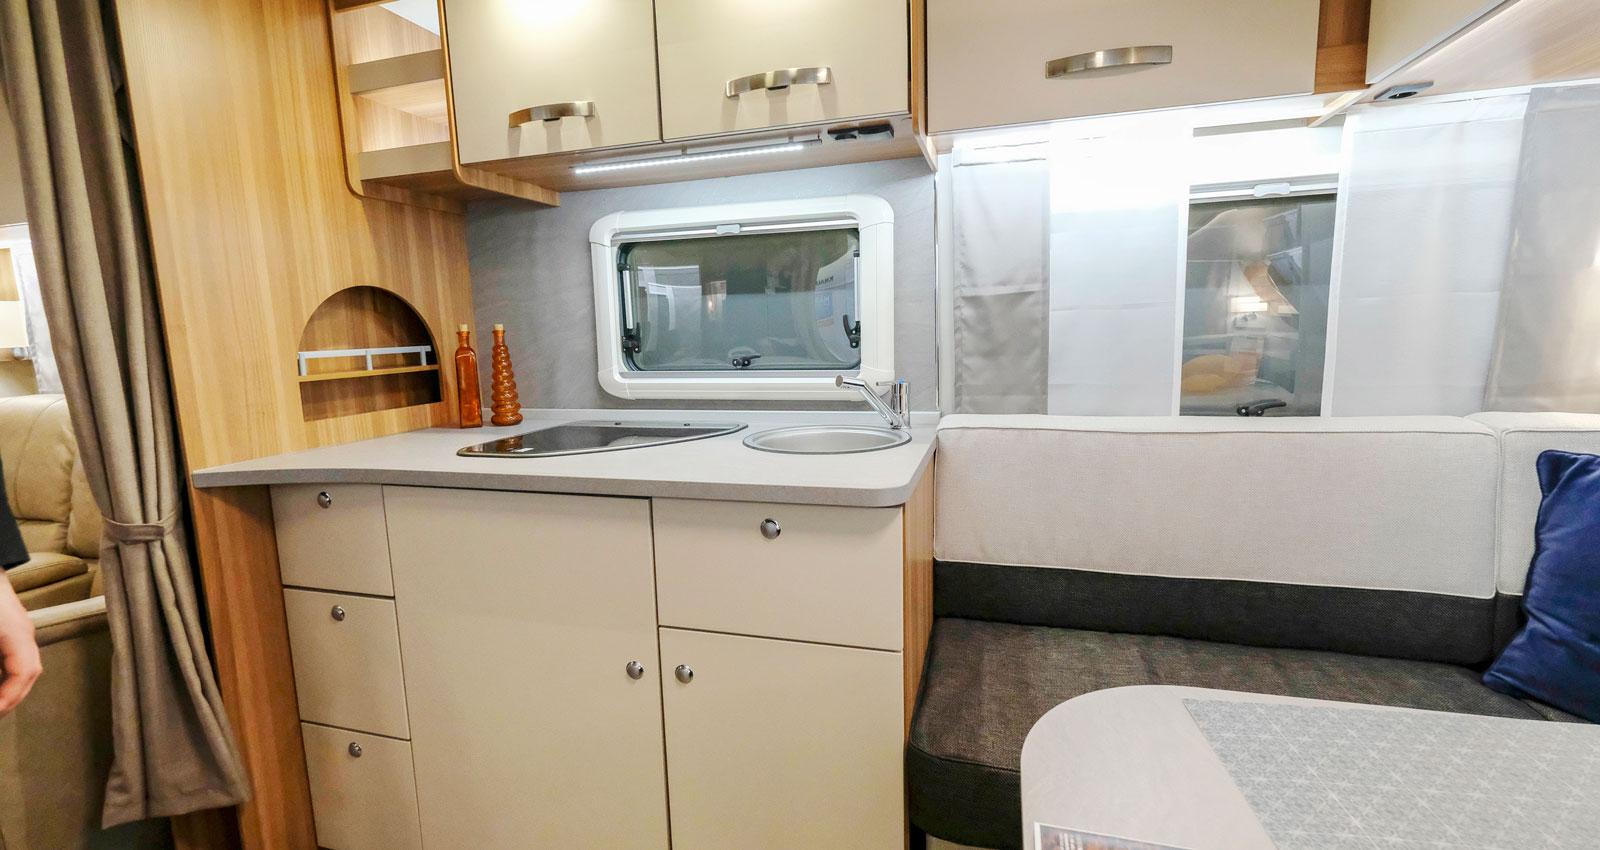 Köket är inte stort men fullt tillräckligt ändå. Denna vagn är speciell med sin stora sällskapsdel som breder ut sig mitt i vagnen.